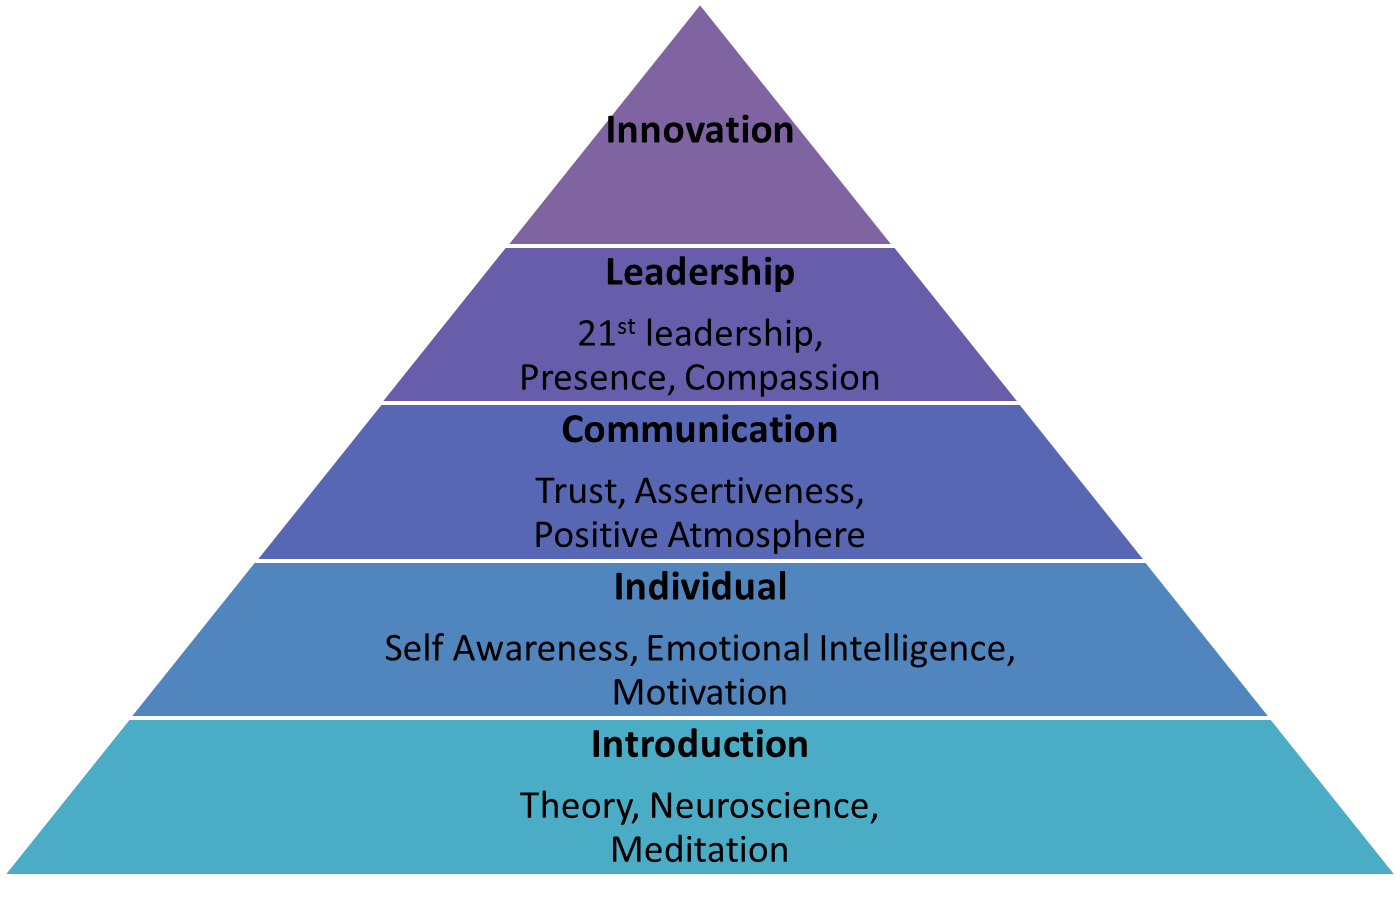 קורס: מודעות כבסיס למנהיגות